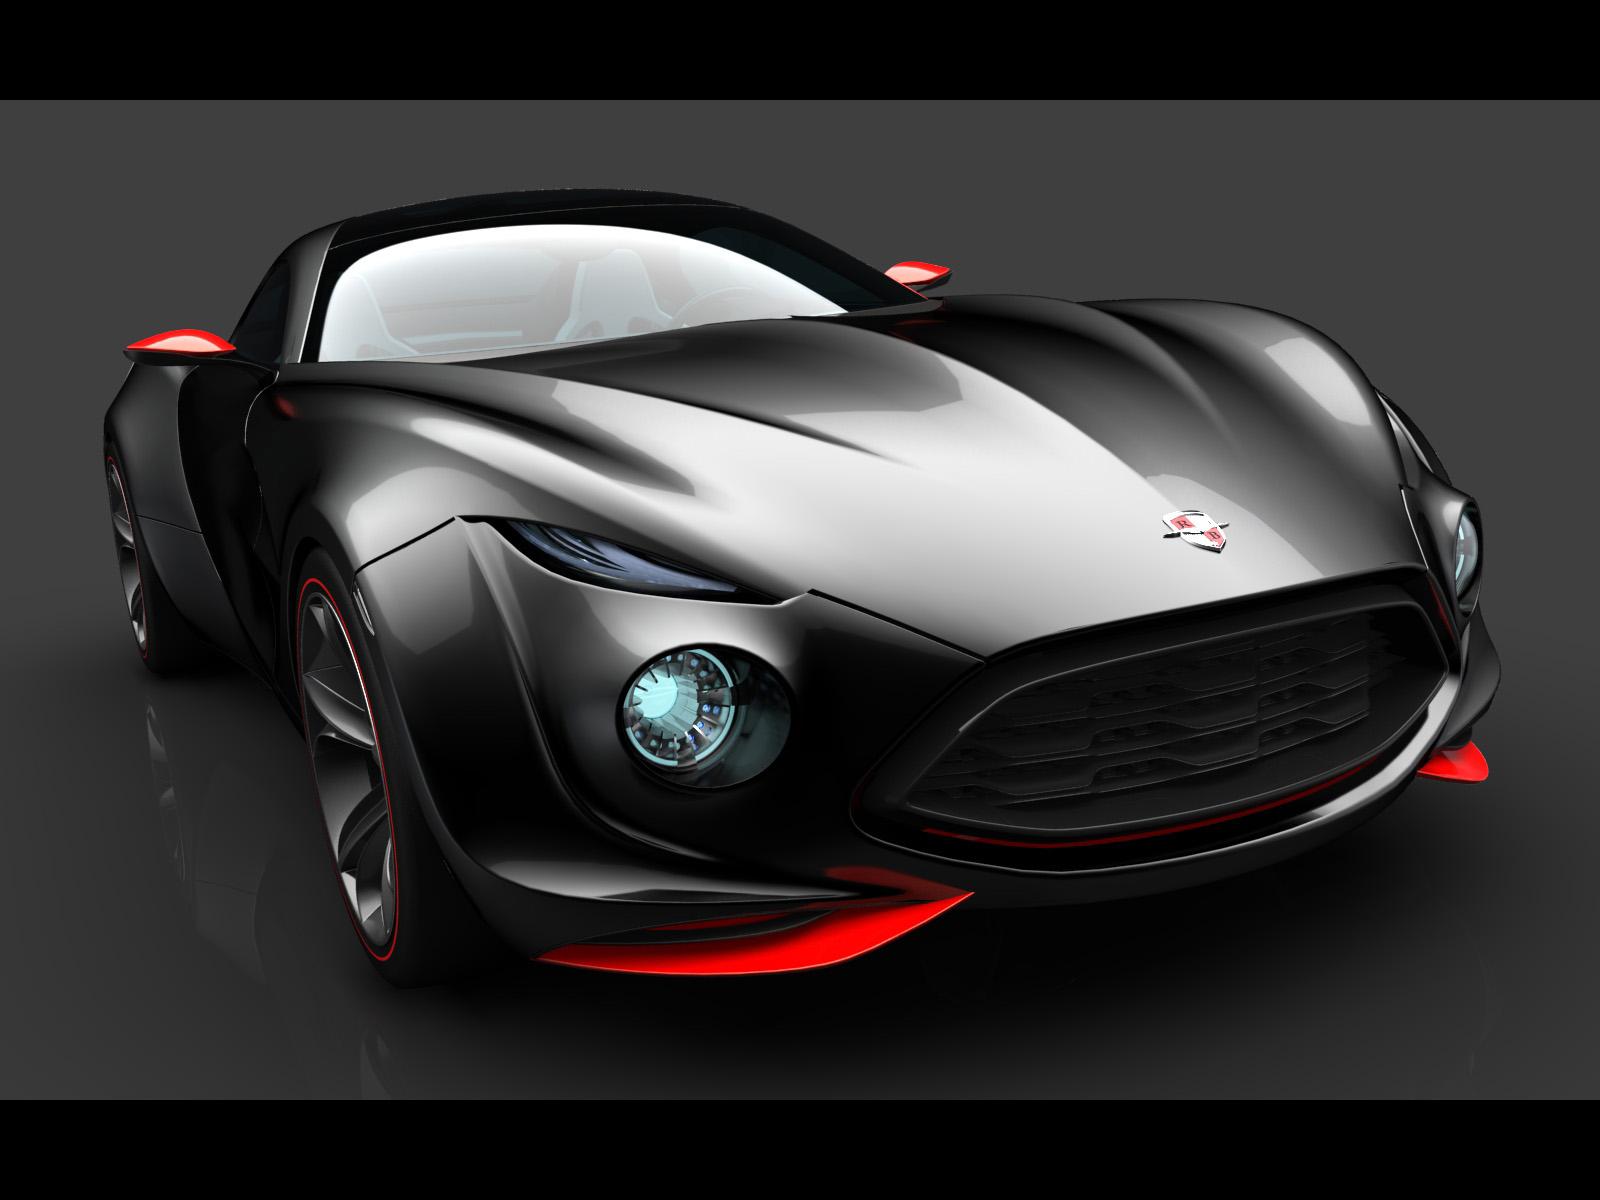 Самый красивый автомобиль мира Rossin-Bertin Vorax